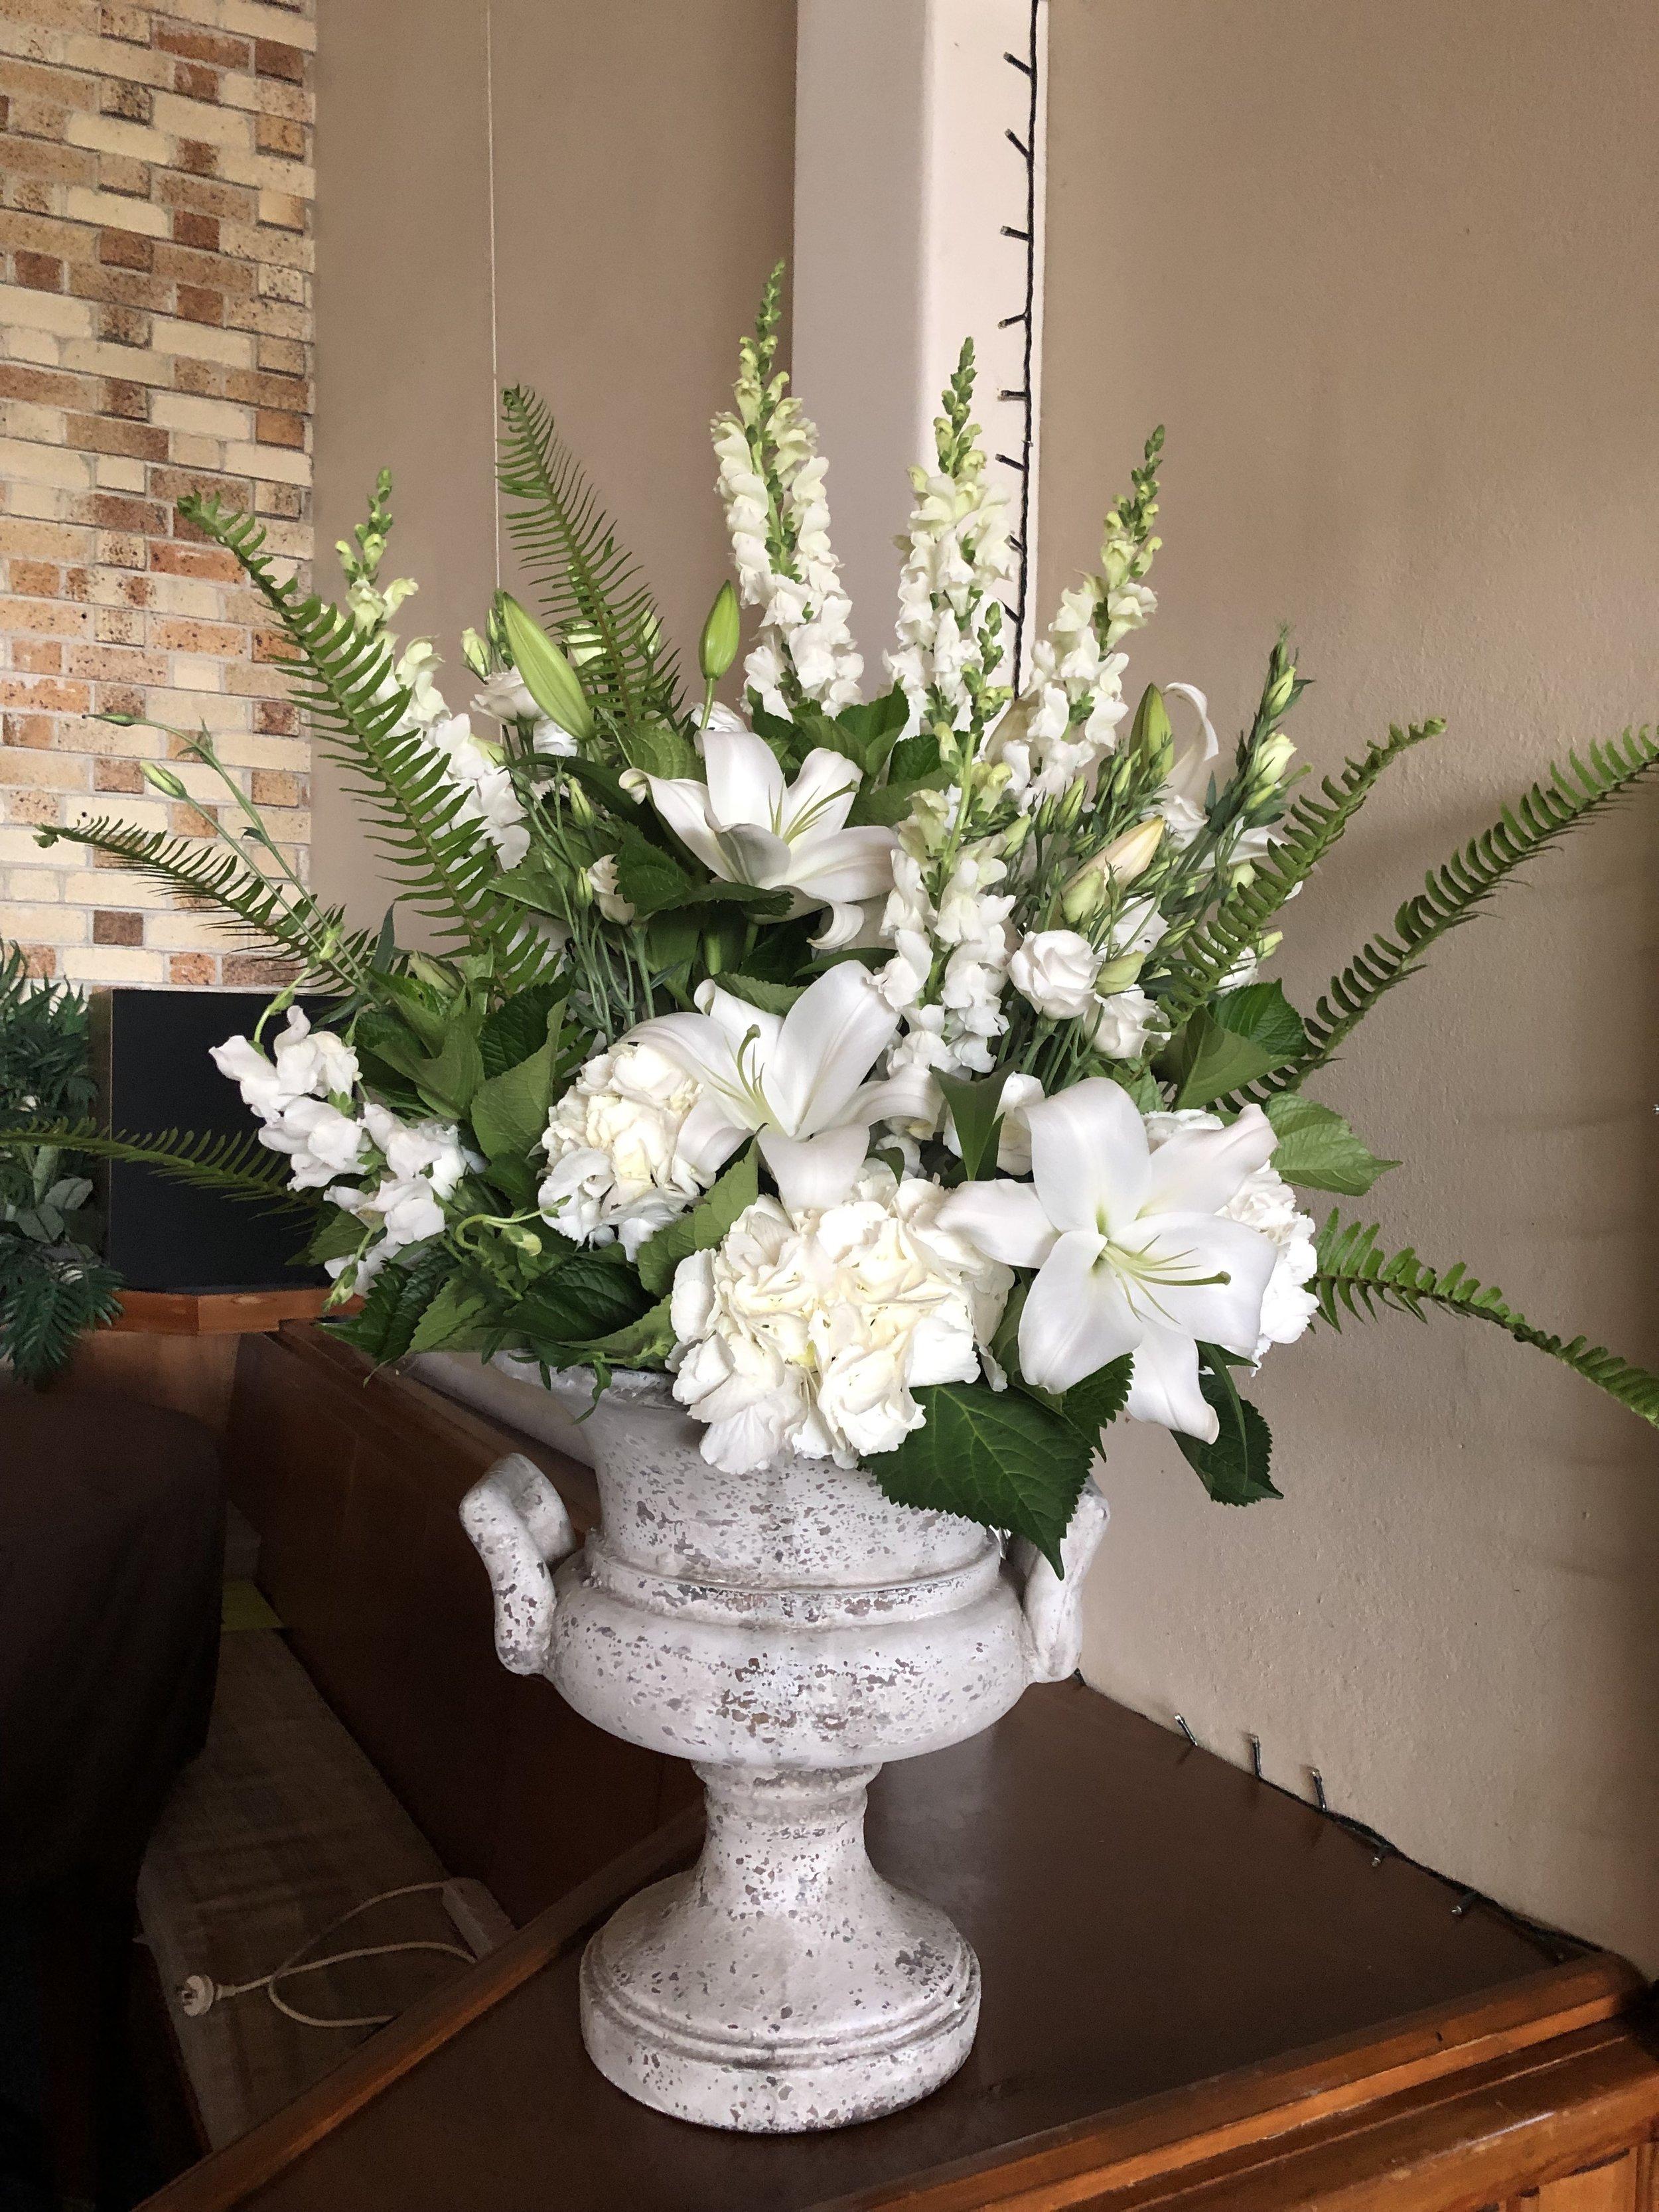 Urn with arrangement